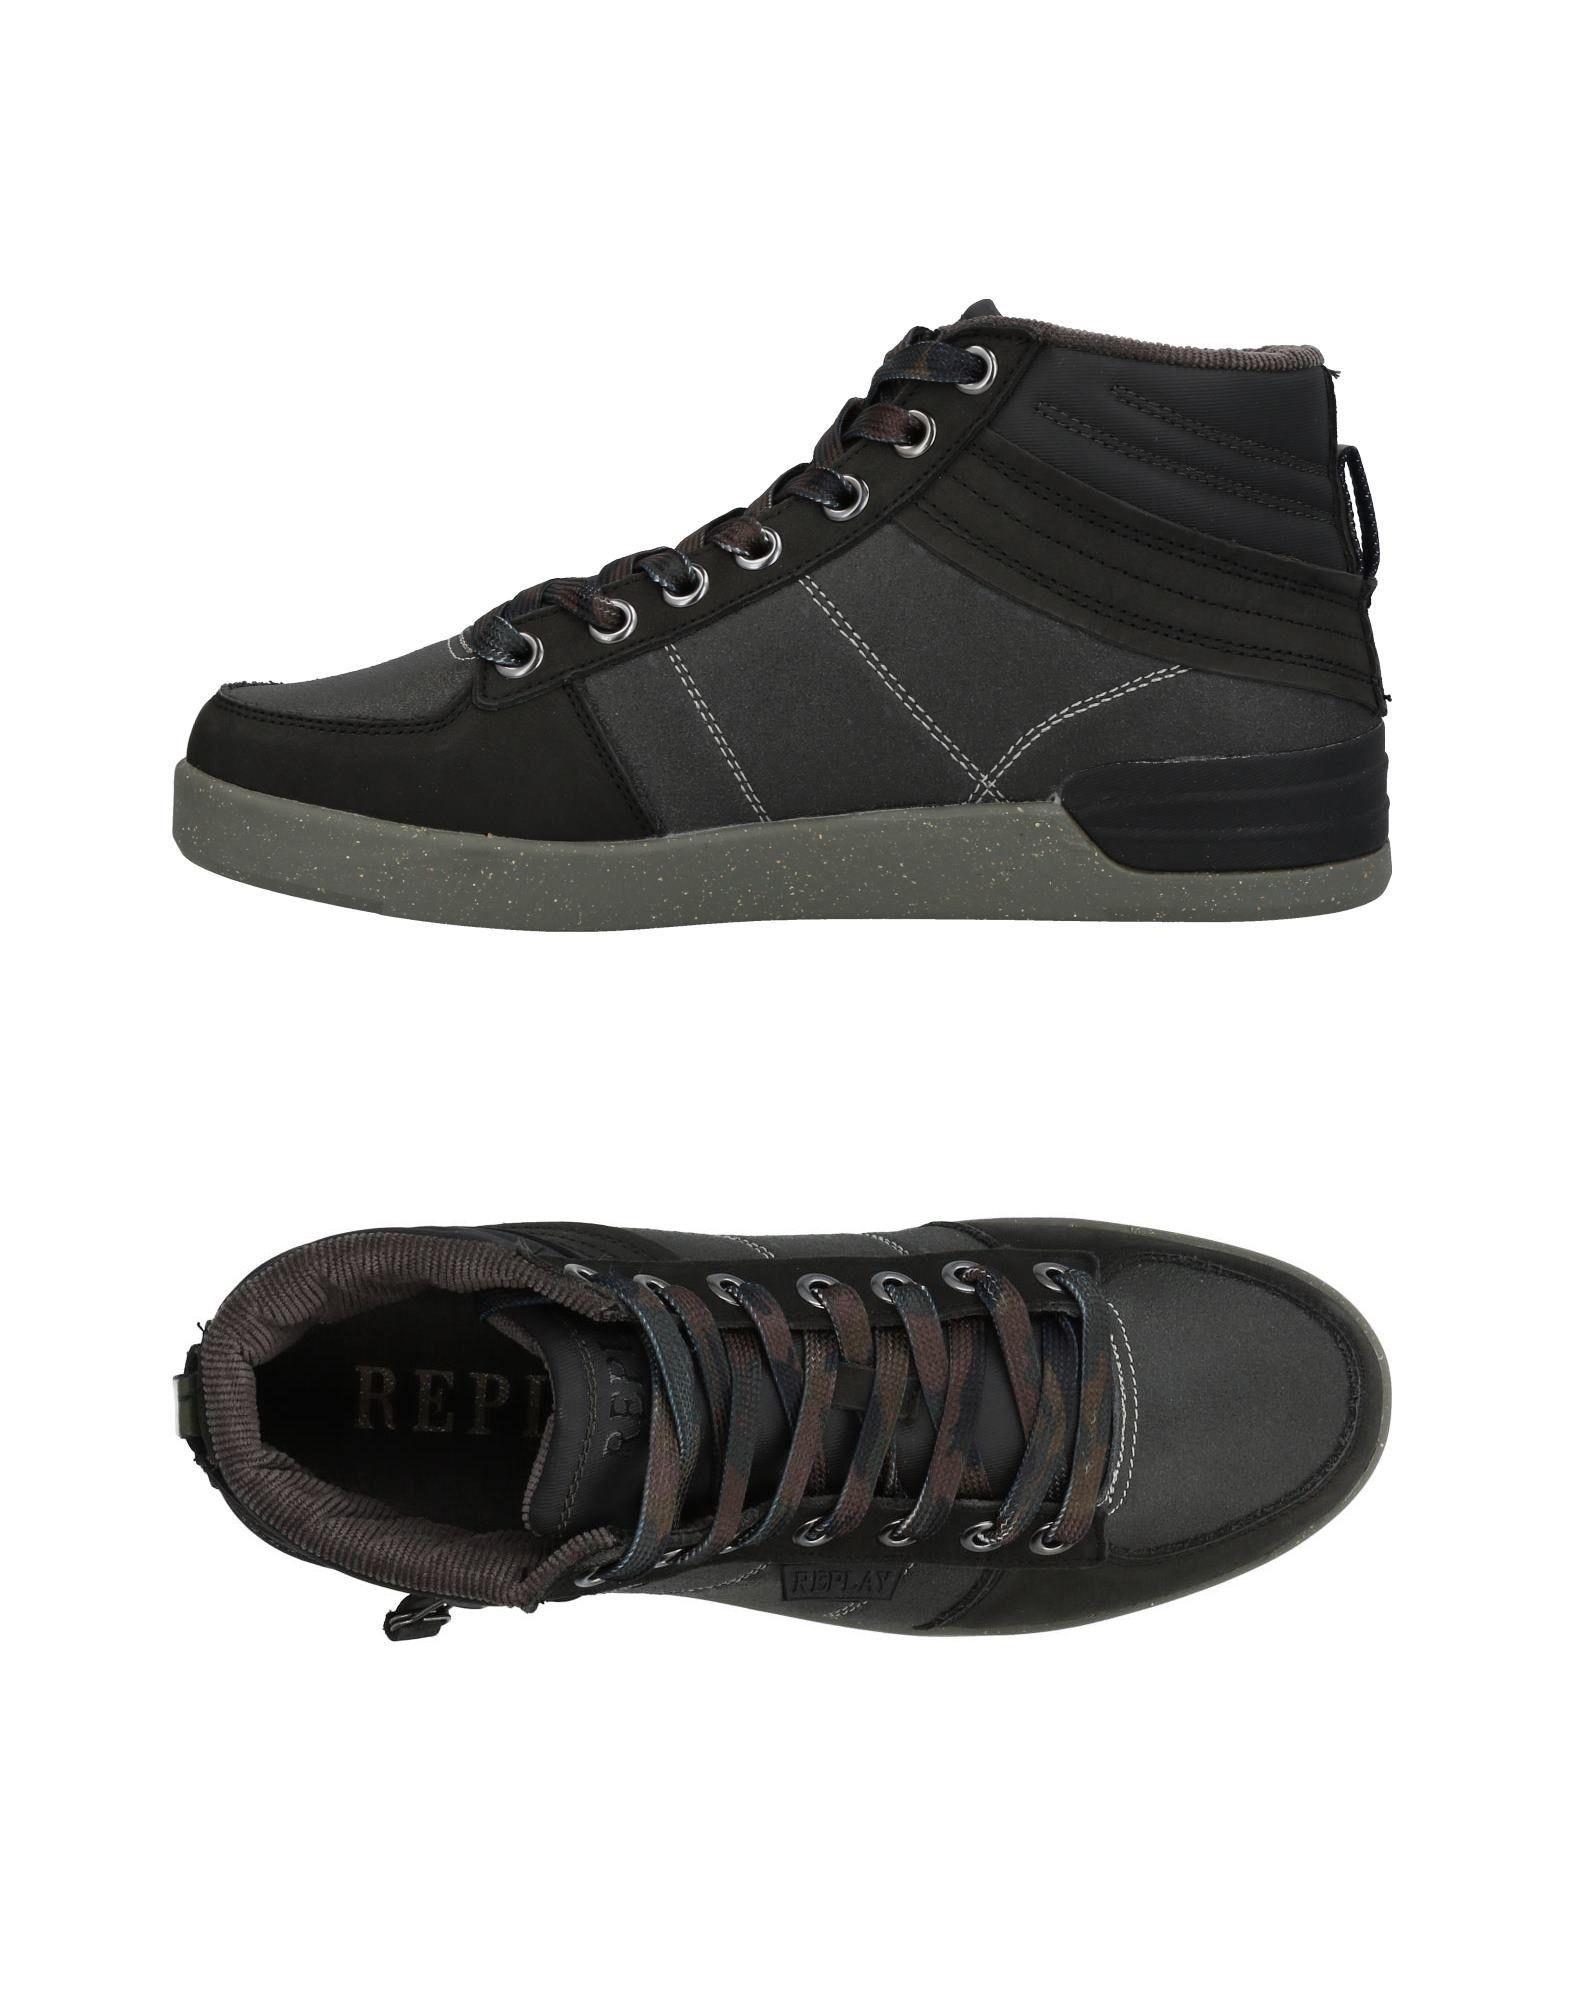 Replay Sneakers Herren Heiße  11463093AJ Heiße Herren Schuhe c558c7